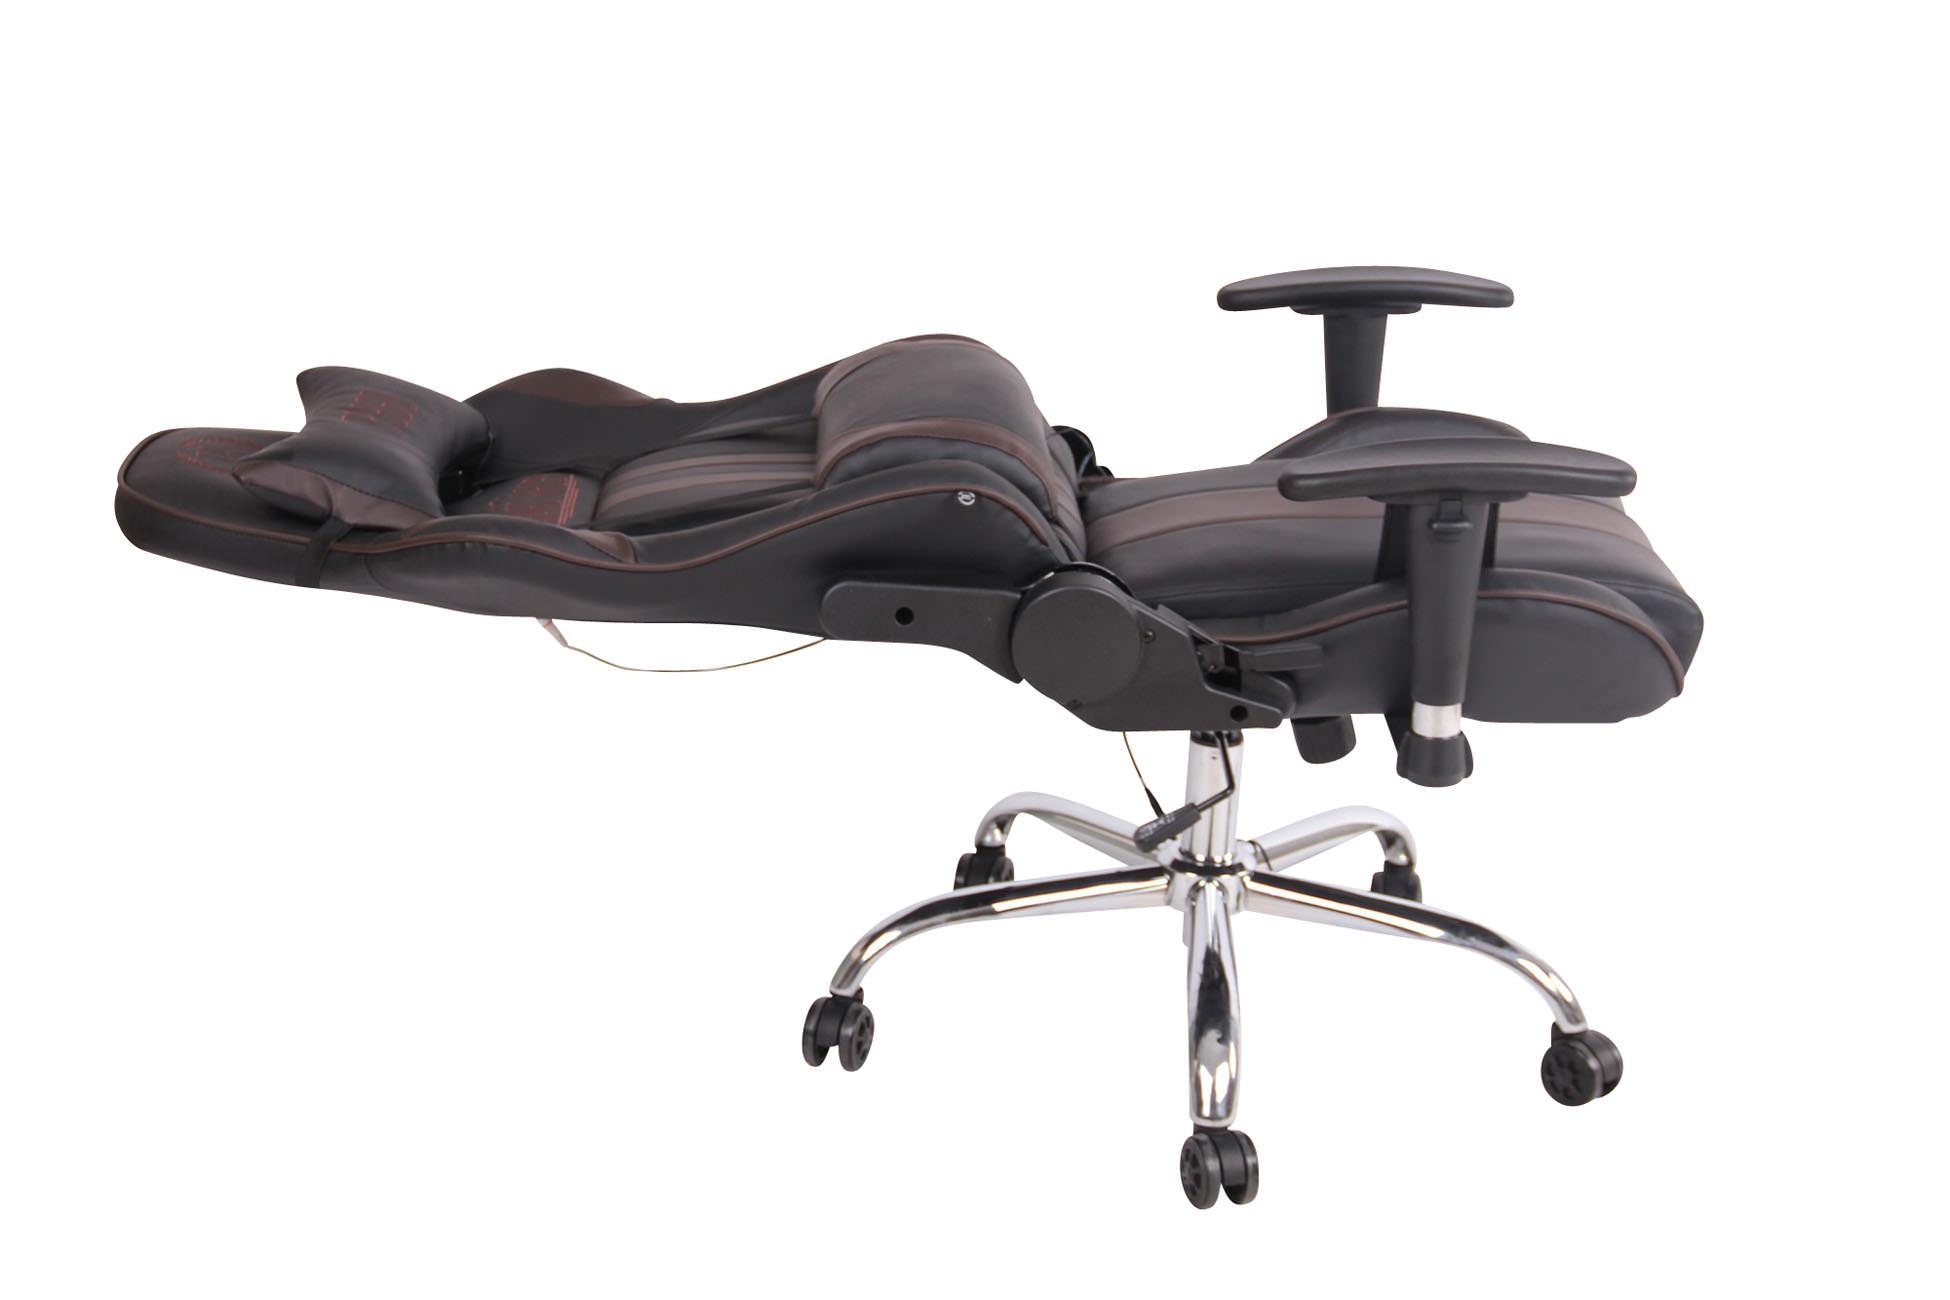 Gamerstol med massage Kunstlæder Brun Sort 136 kg